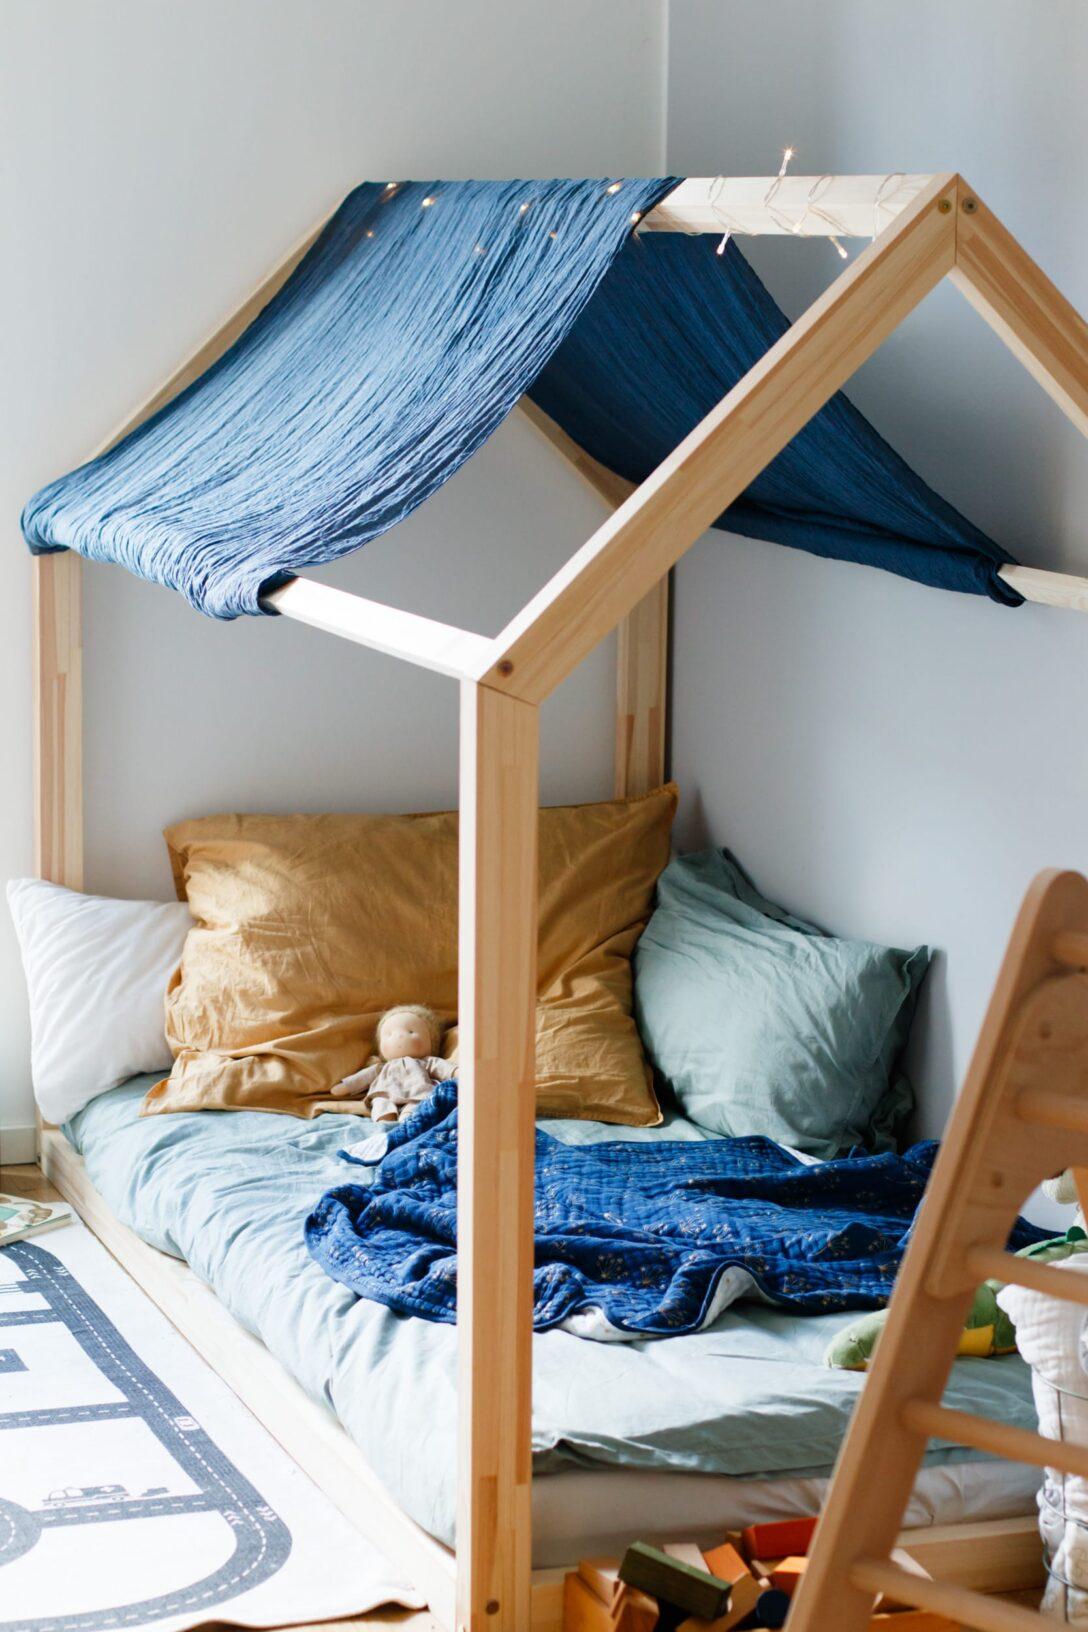 Large Size of Hausbett 100x200 Fr Floor Bed Nach Maria Montessori Bett Weiß Betten Wohnzimmer Hausbett 100x200